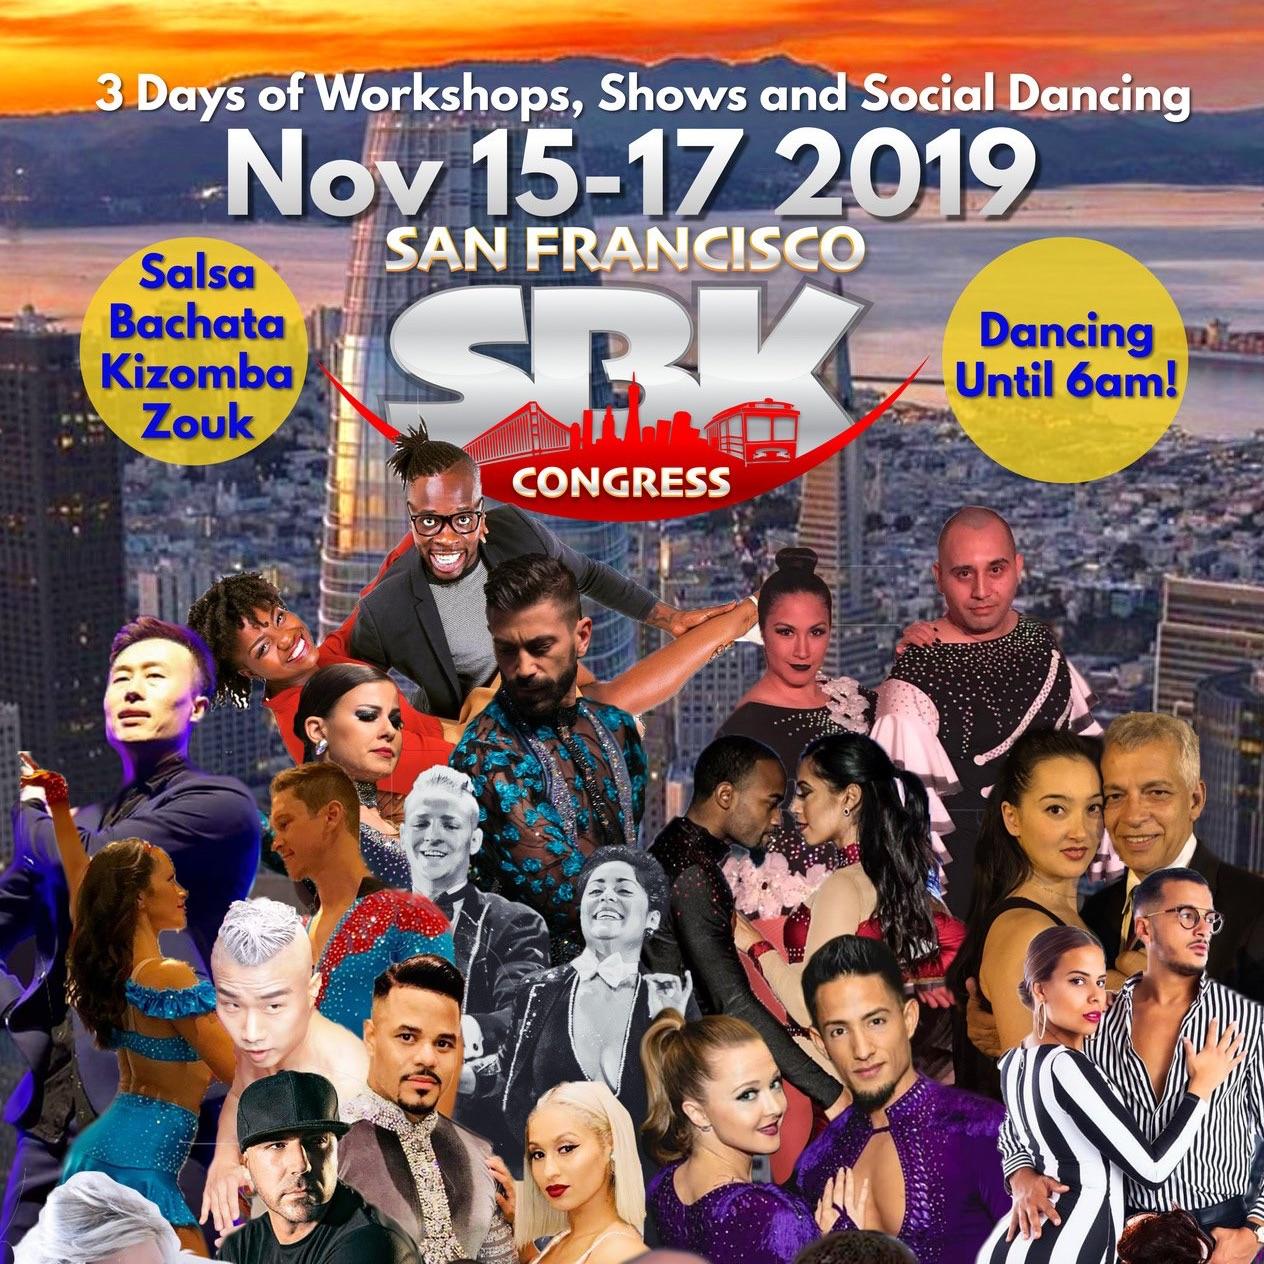 SFSBK Congress 2019